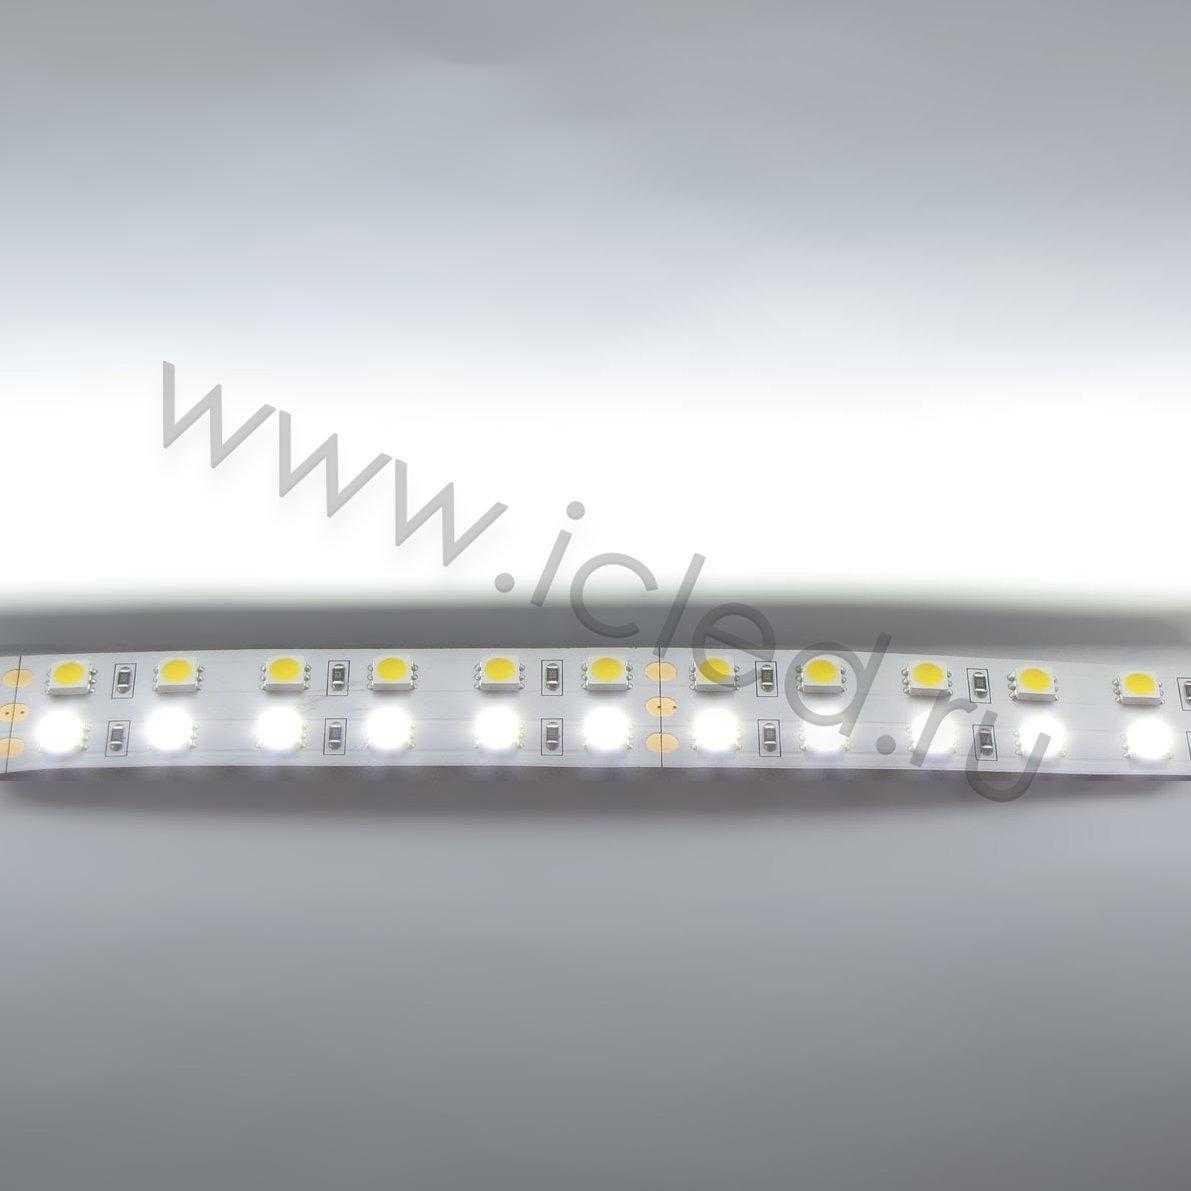 Светодиодная лента Class High 5050, 144 led/m, MIX, 24V, IP33